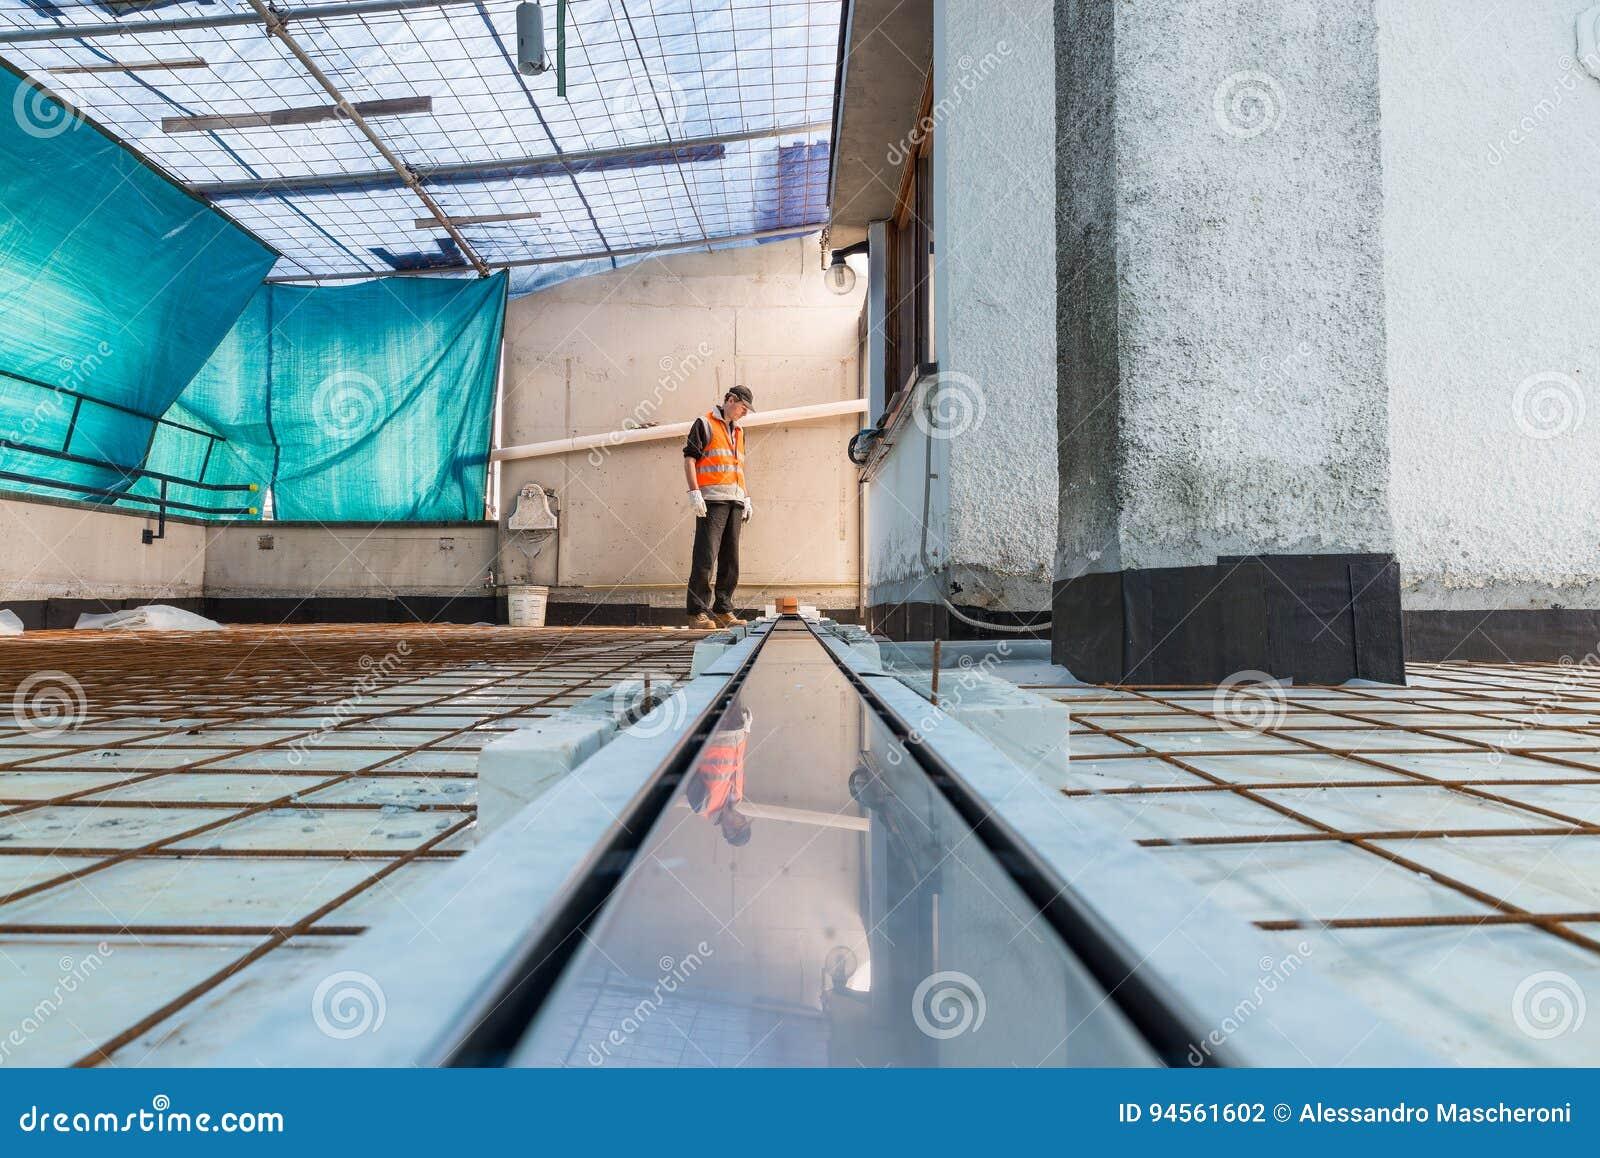 Imprägnierung und Wärmedämmung einer Terrasse - Dach Eine Berufsarbeitskraft installiert einen Abflusssinkkasten für Entwässerung